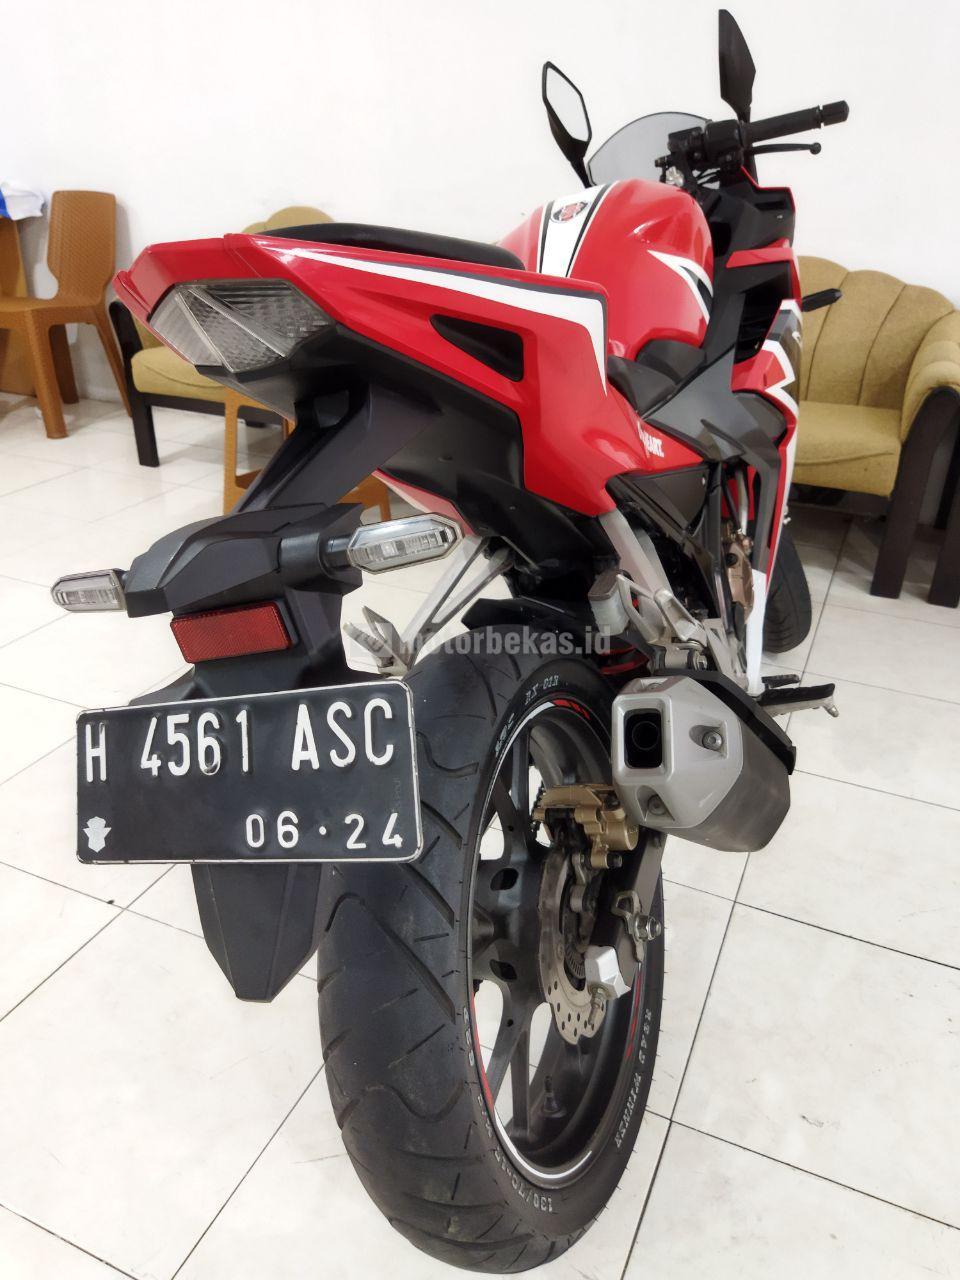 HONDA CBR 150R ABS 911 motorbekas.id